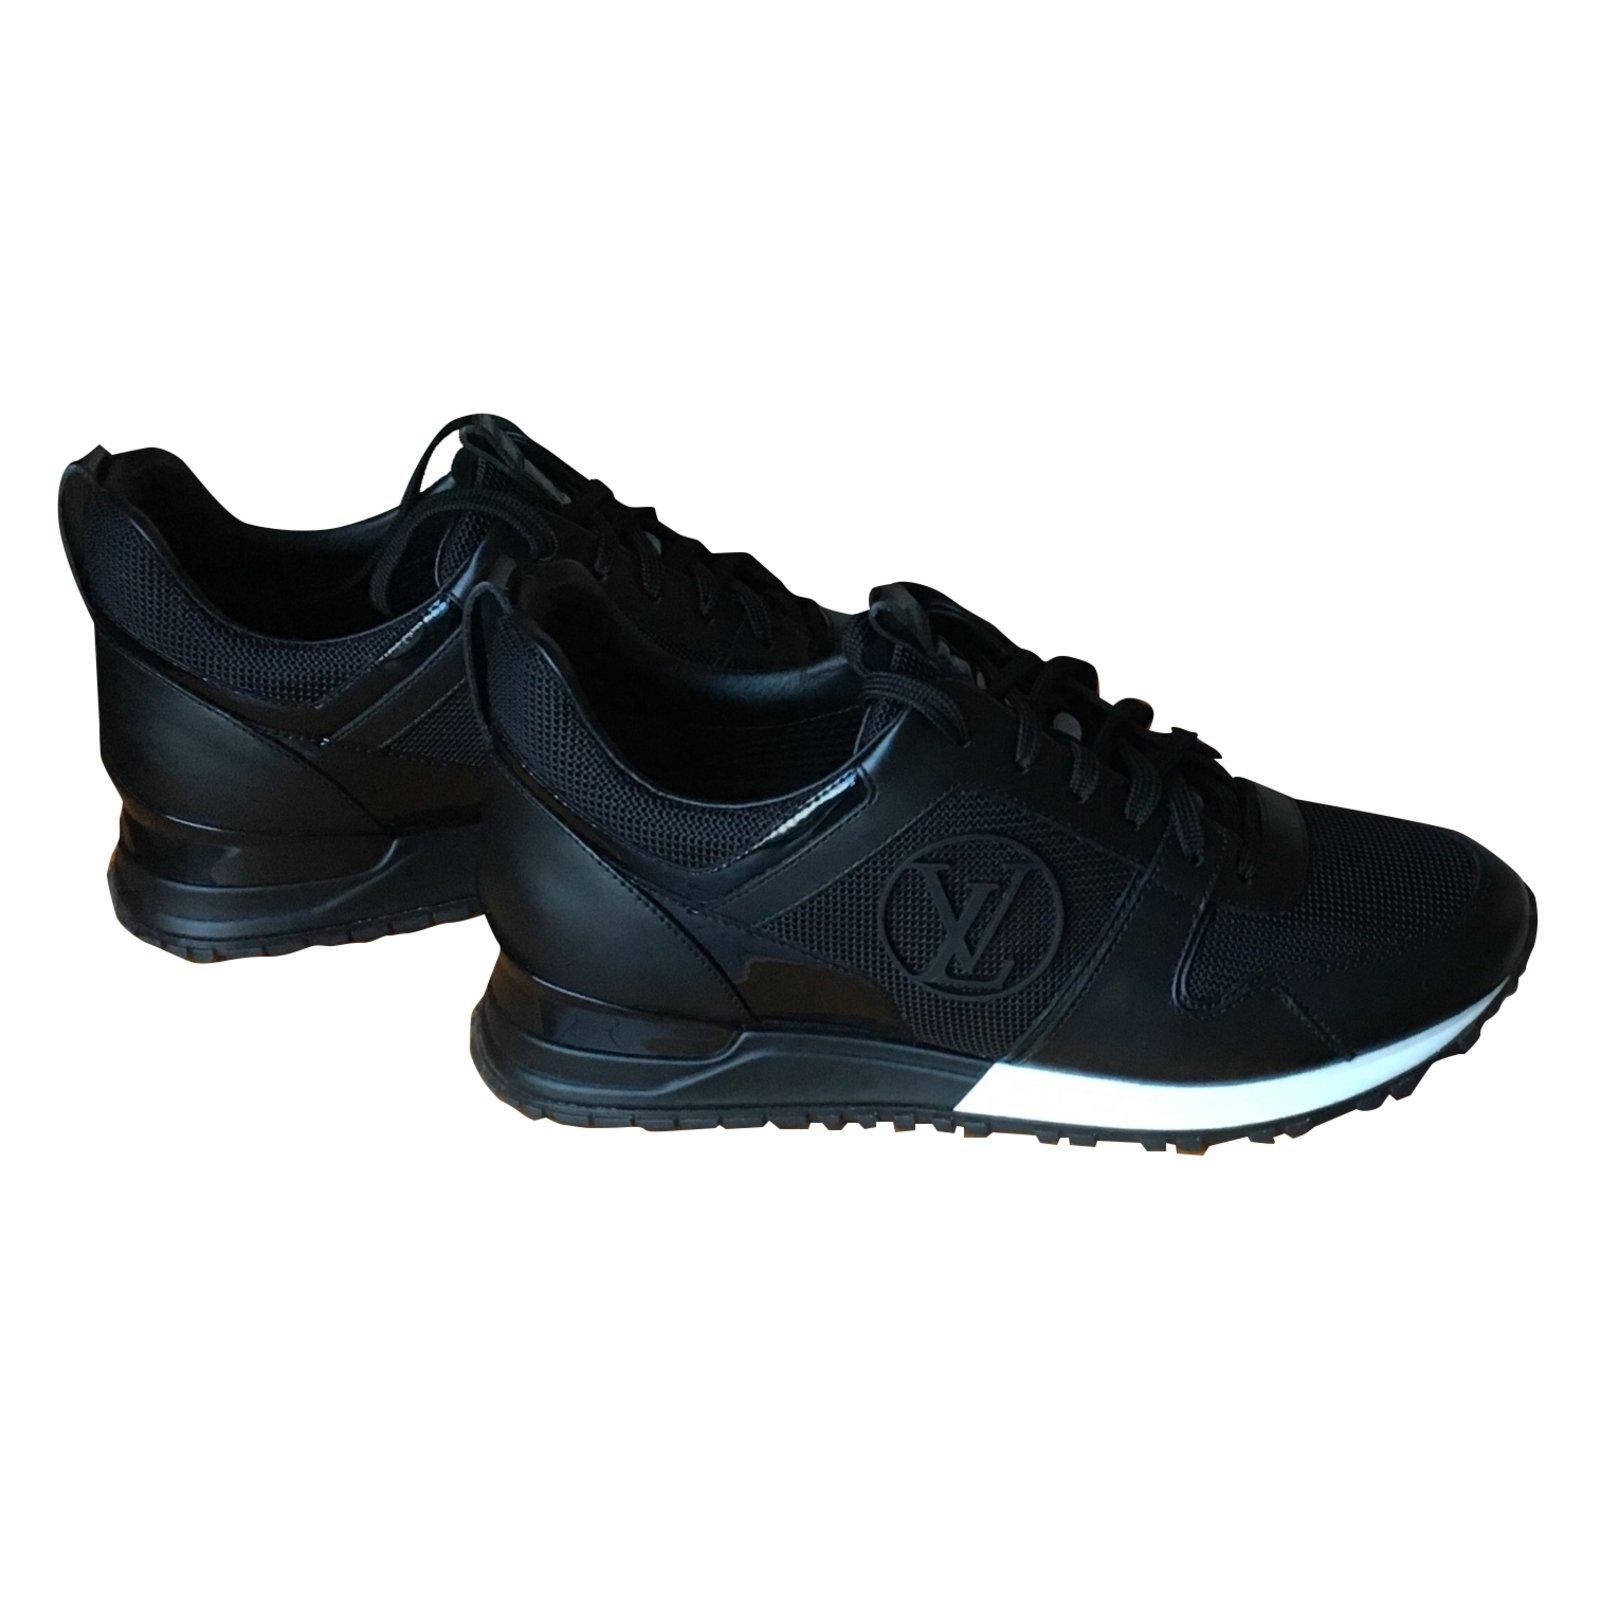 Baskets Louis Vuitton Run away Cuir Noir ref.32340 - Joli Closet 3ba9bb26982